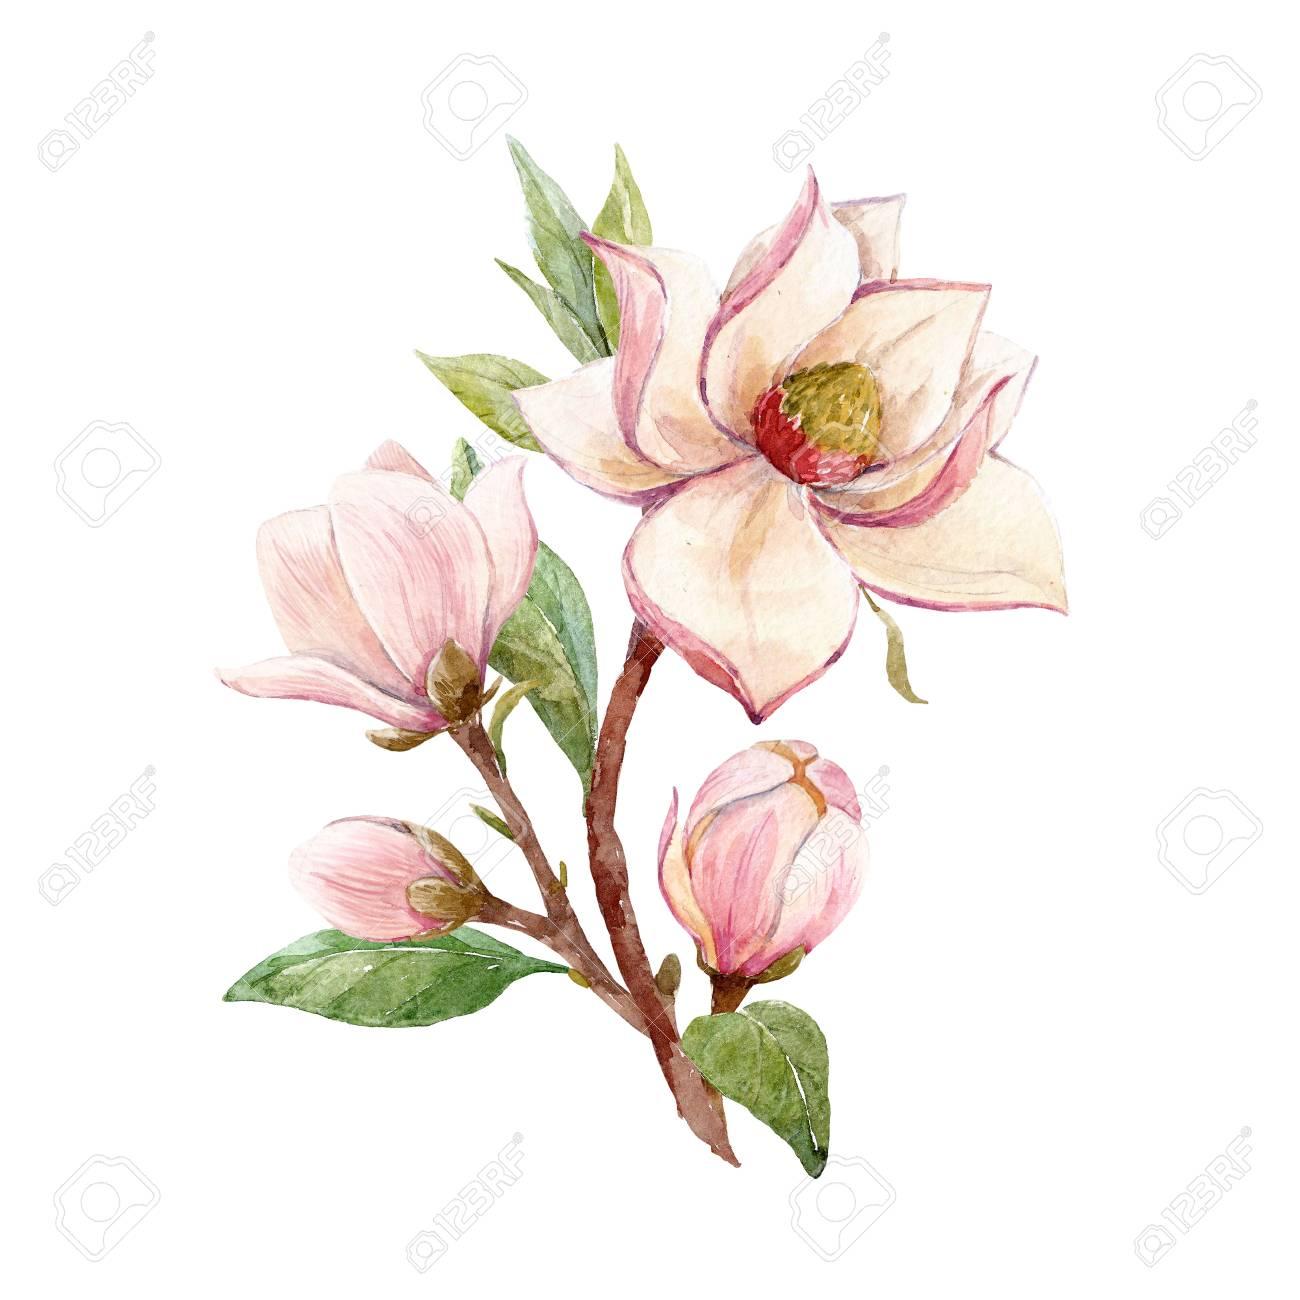 Watercolor magnolia floral composition - 94035166